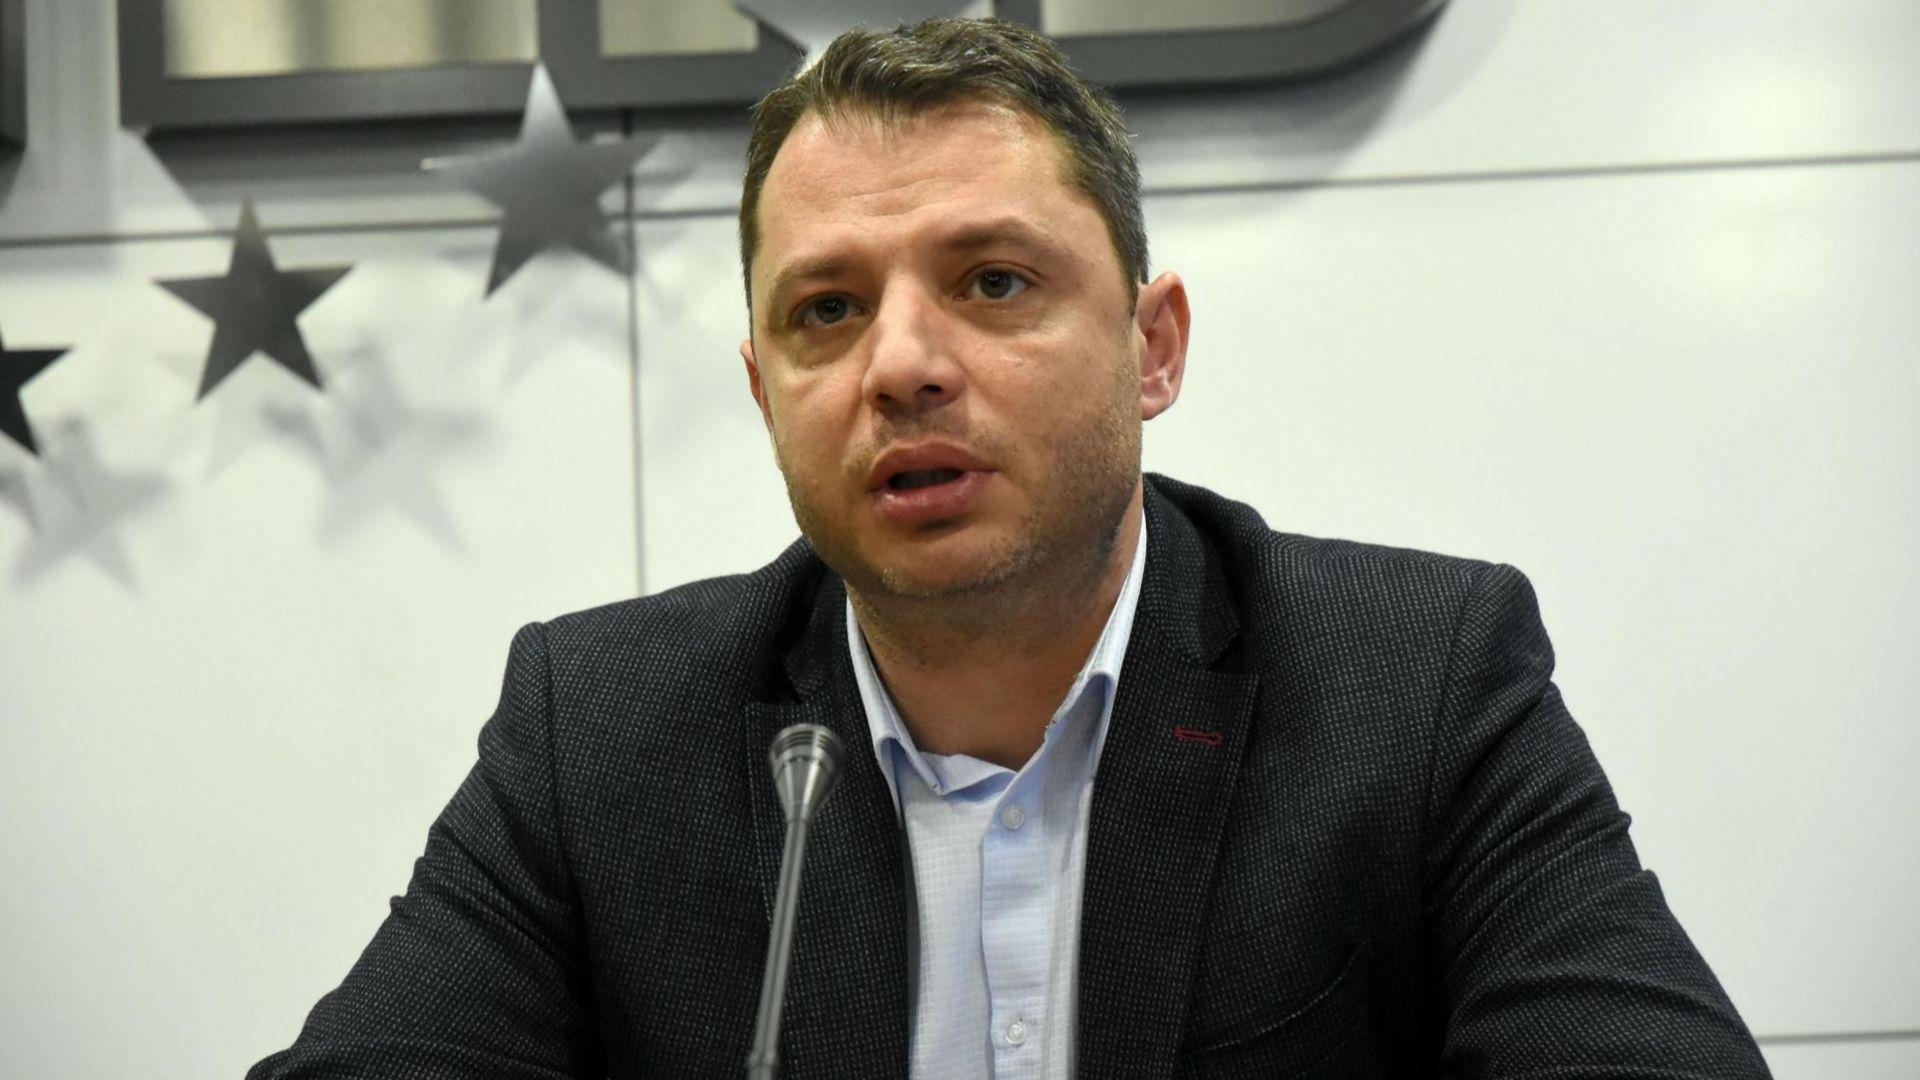 Добрев: Нямам нищо лично срещу Йончева, просто нека се провери общата им фирма с Цветан Василев